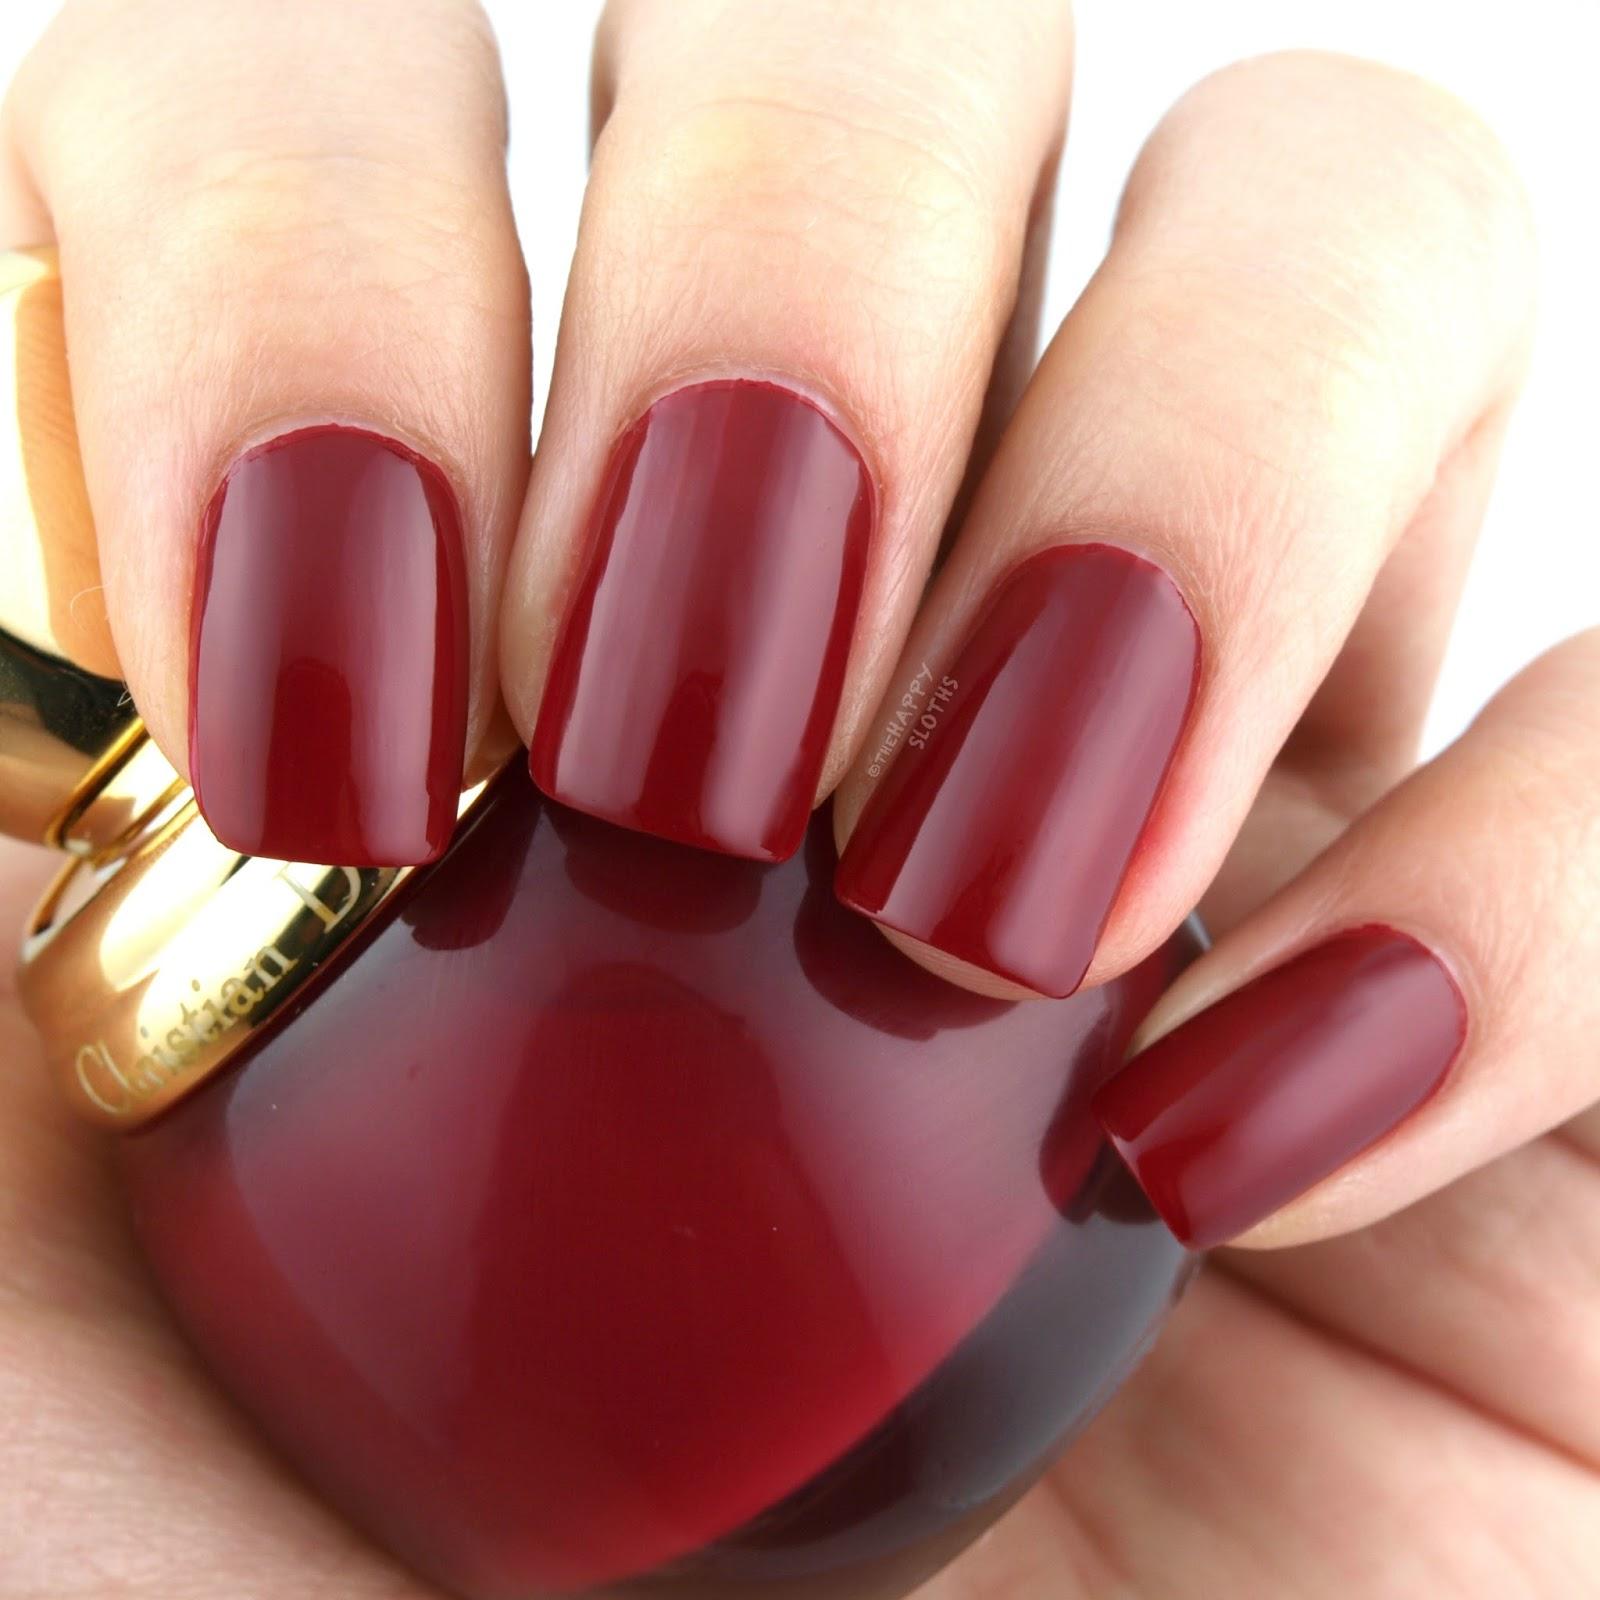 dior makeup tutorial 2017